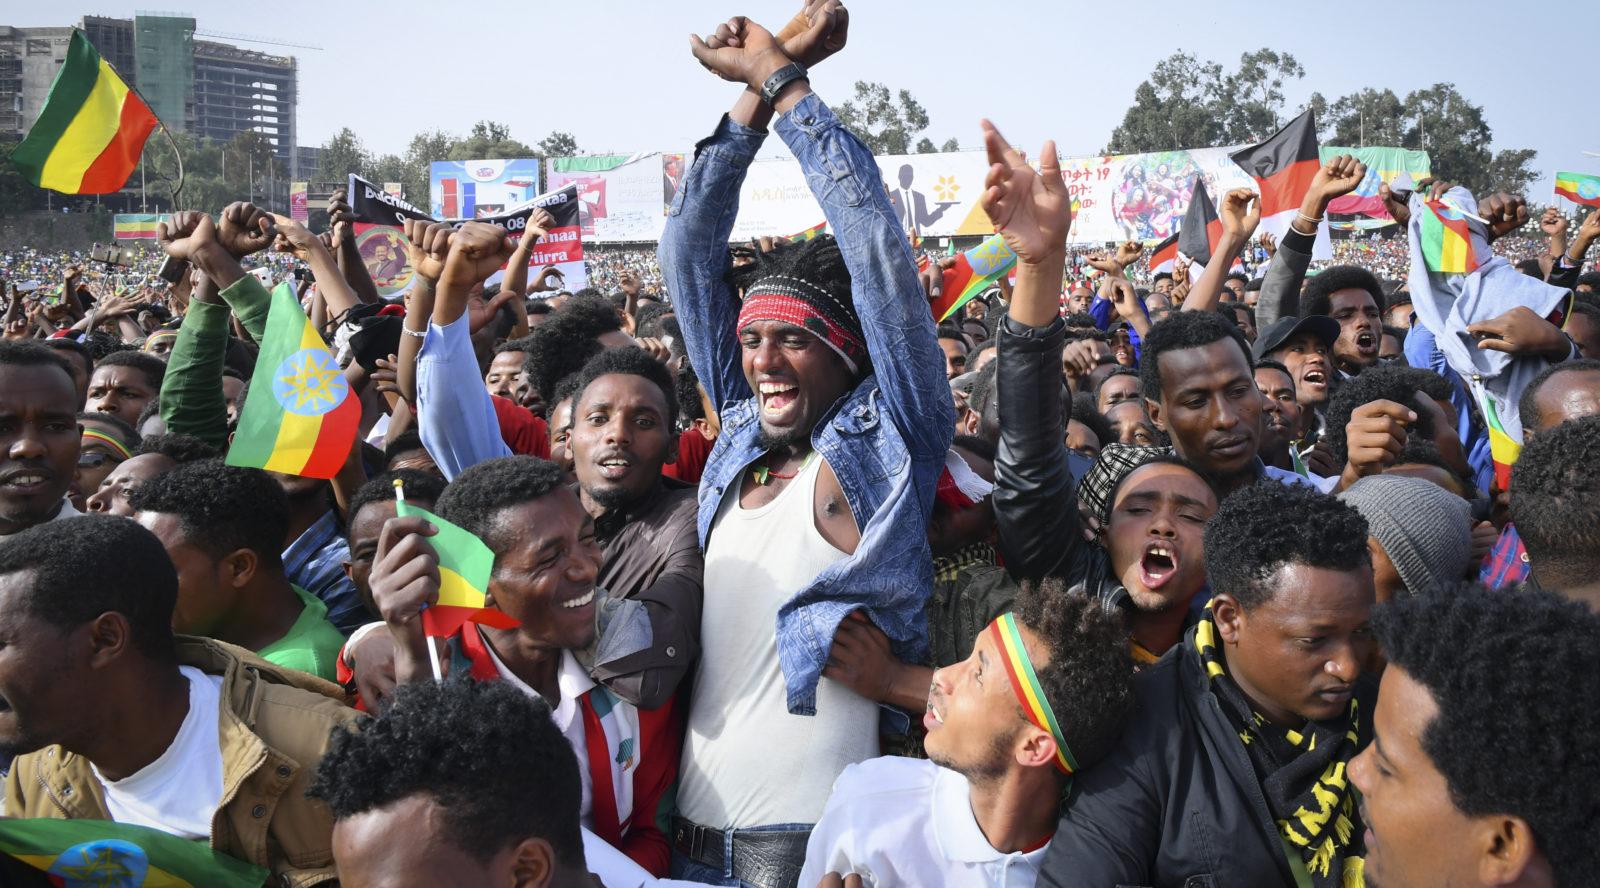 Un Anno Di Scontri E Violenza In Etiopia, Amnesty: Bilancio Tragico,140 Persone Uccise